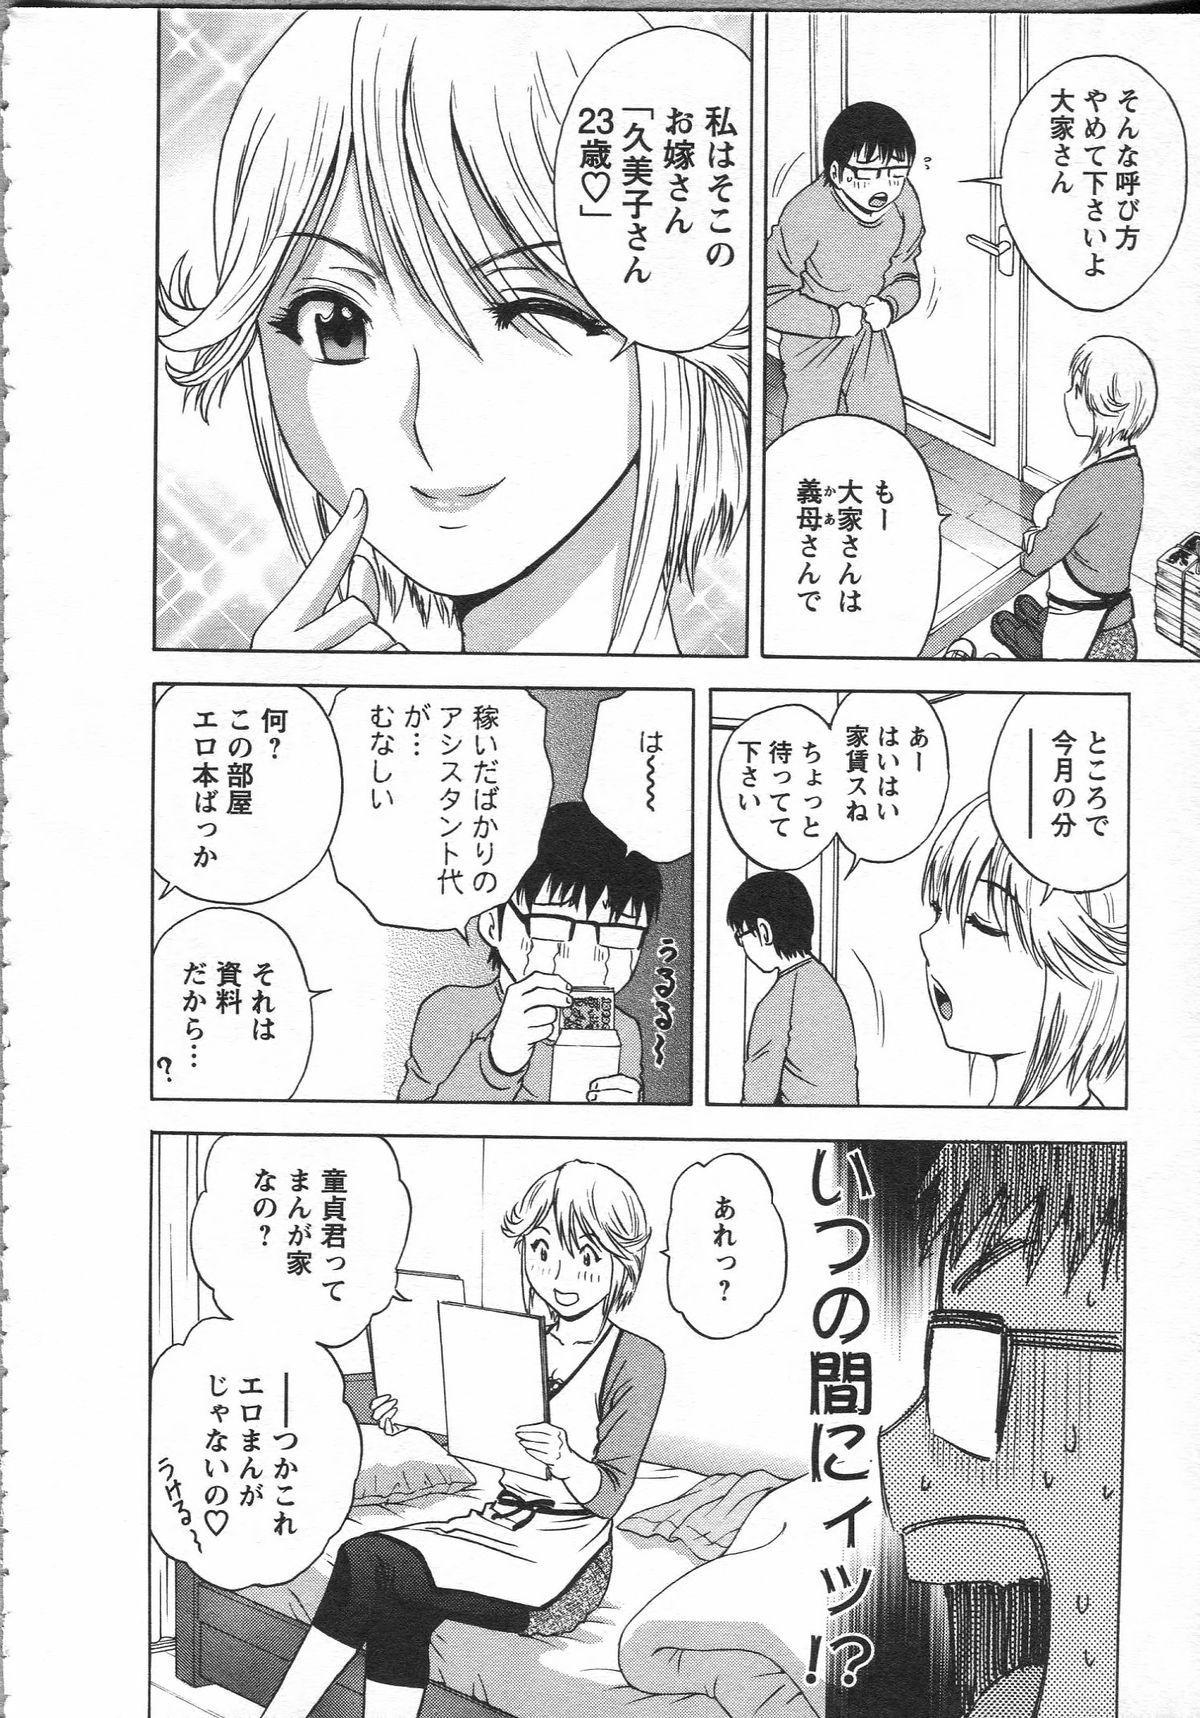 Manga no youna Hitozuma to no Hibi - Days with Married Women such as Comics. 27